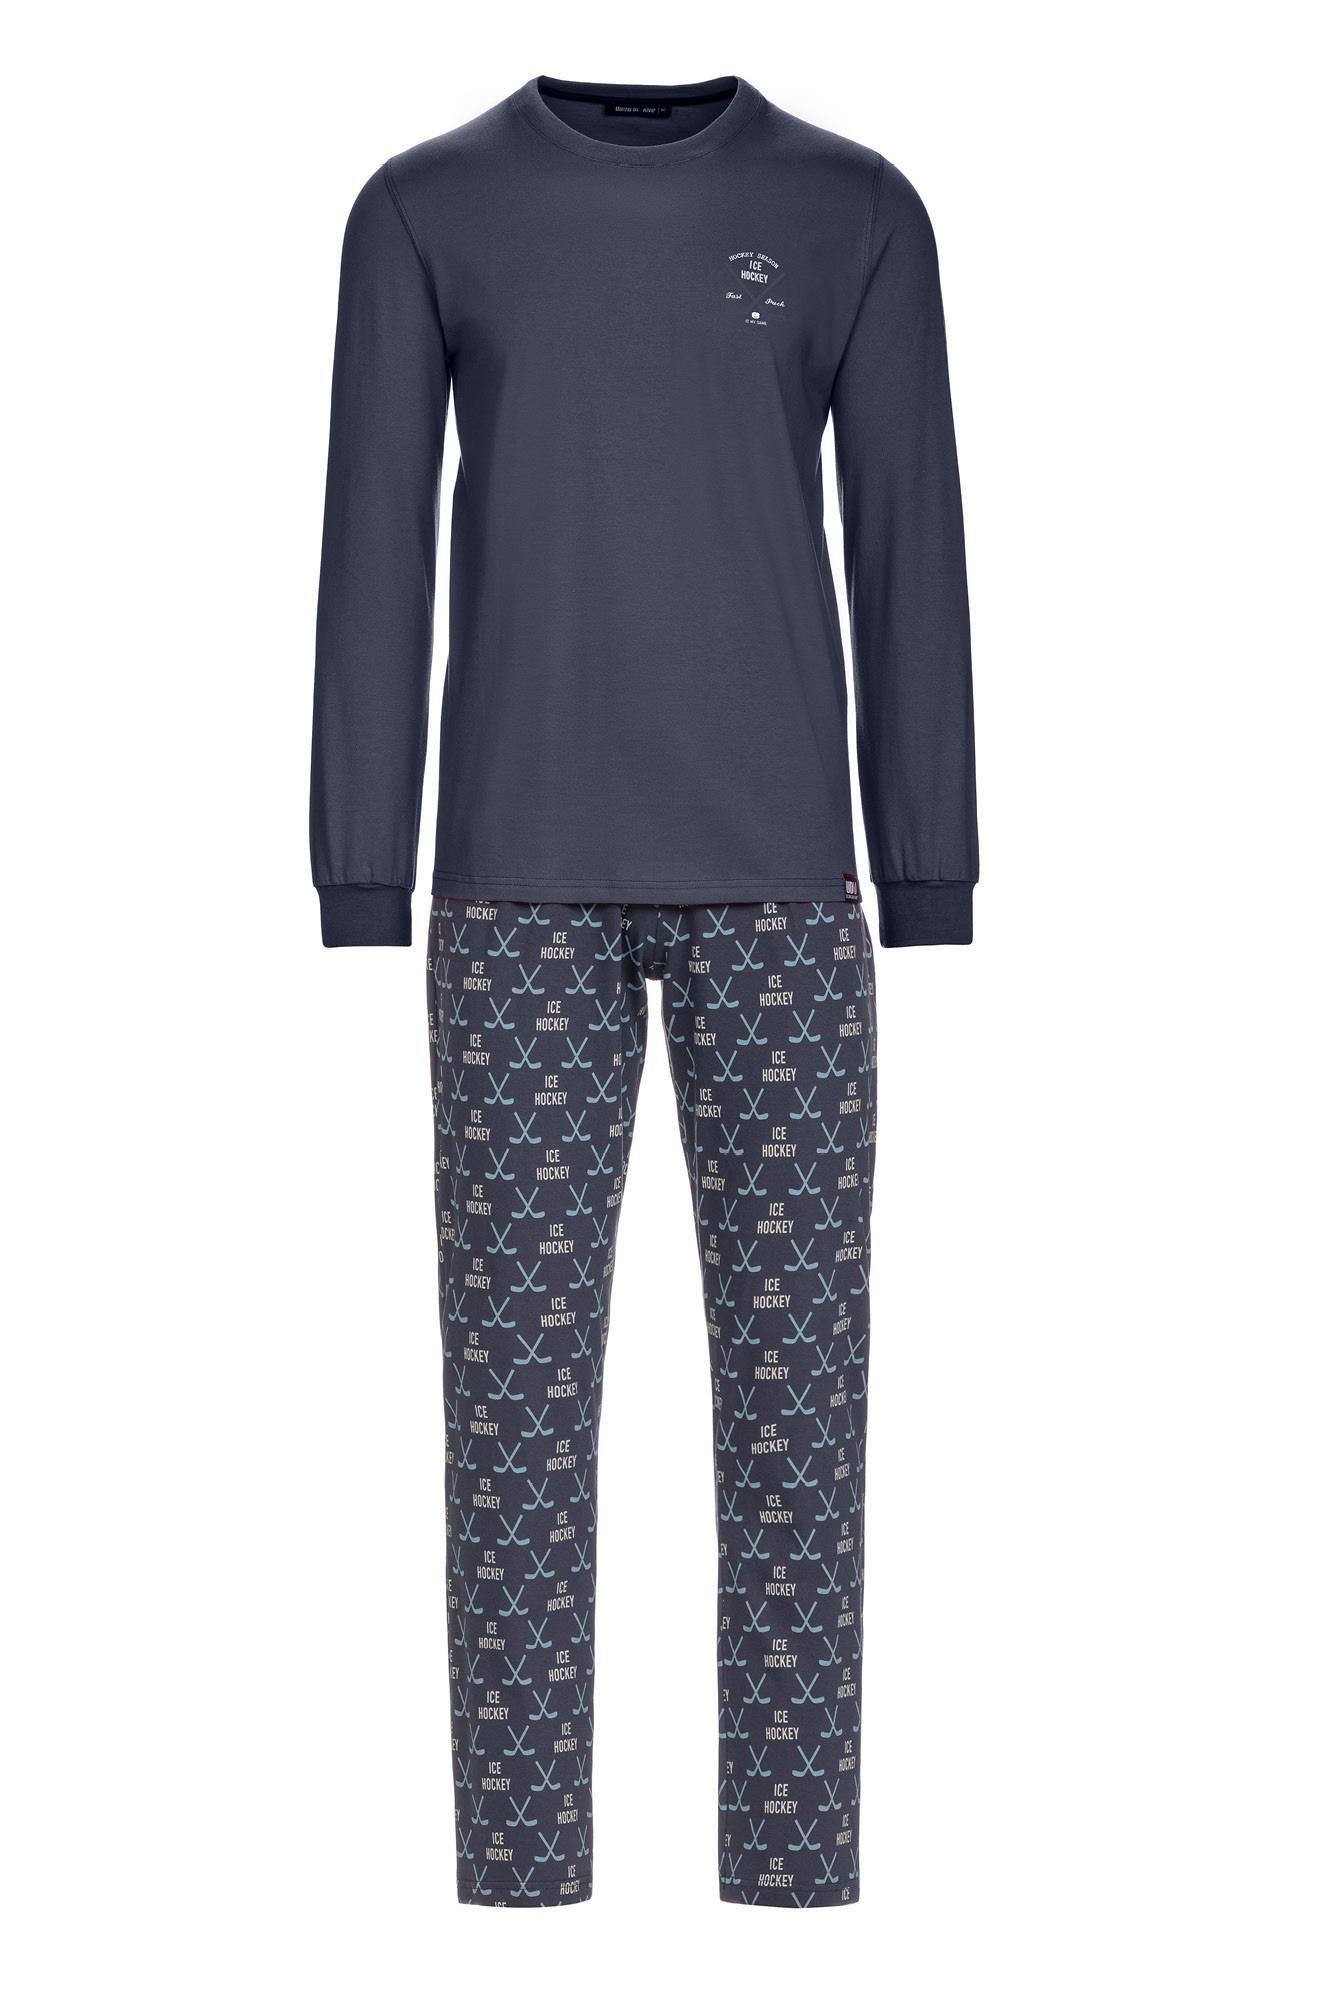 Vamp - Pánske pyžamo 13690 - Vamp gray ombre 4XL